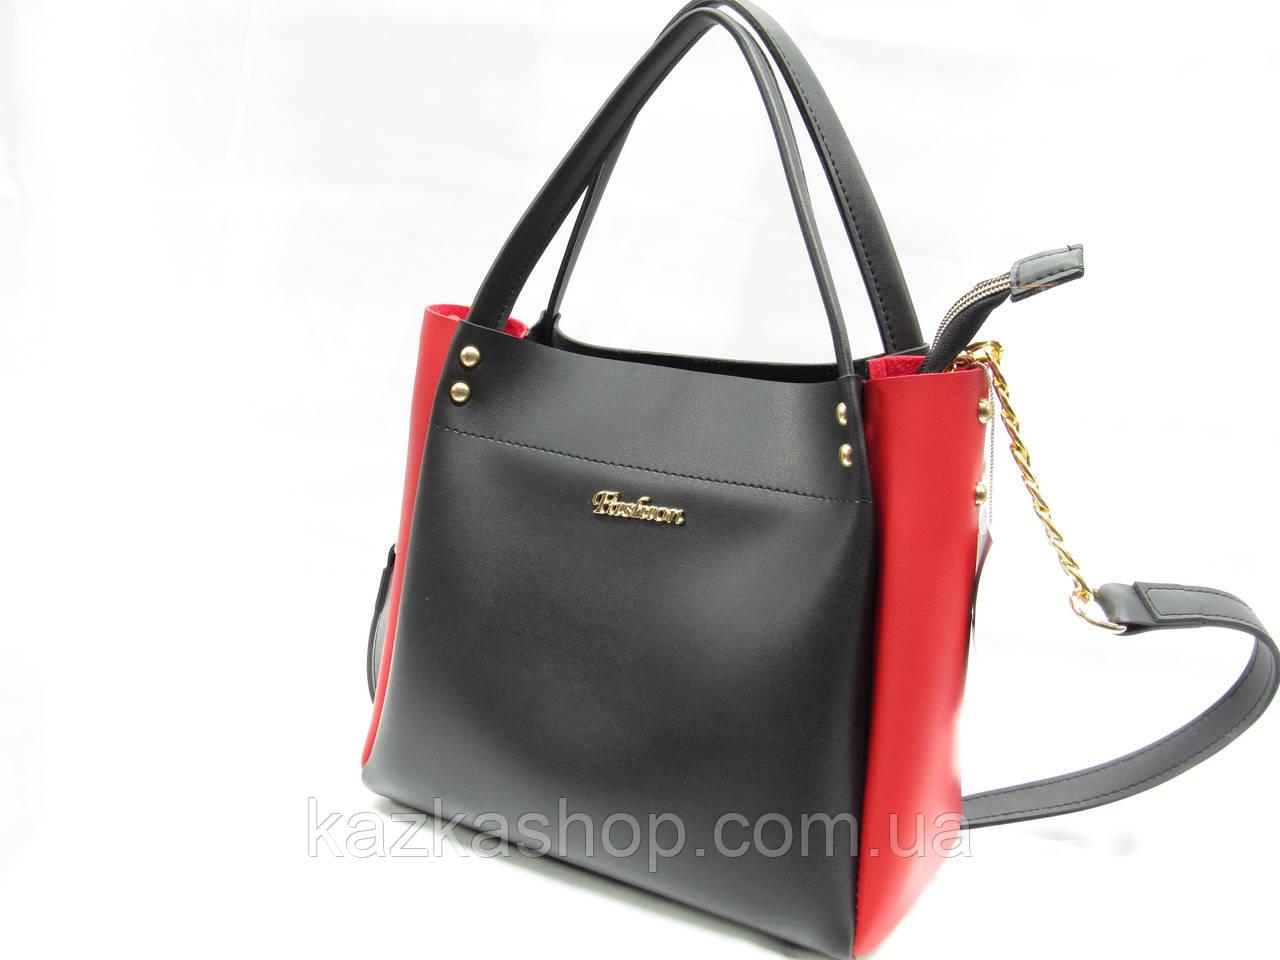 Женская сумка из искусственной кожи, один отдел, две ручки и плечевой ремень на цепочке